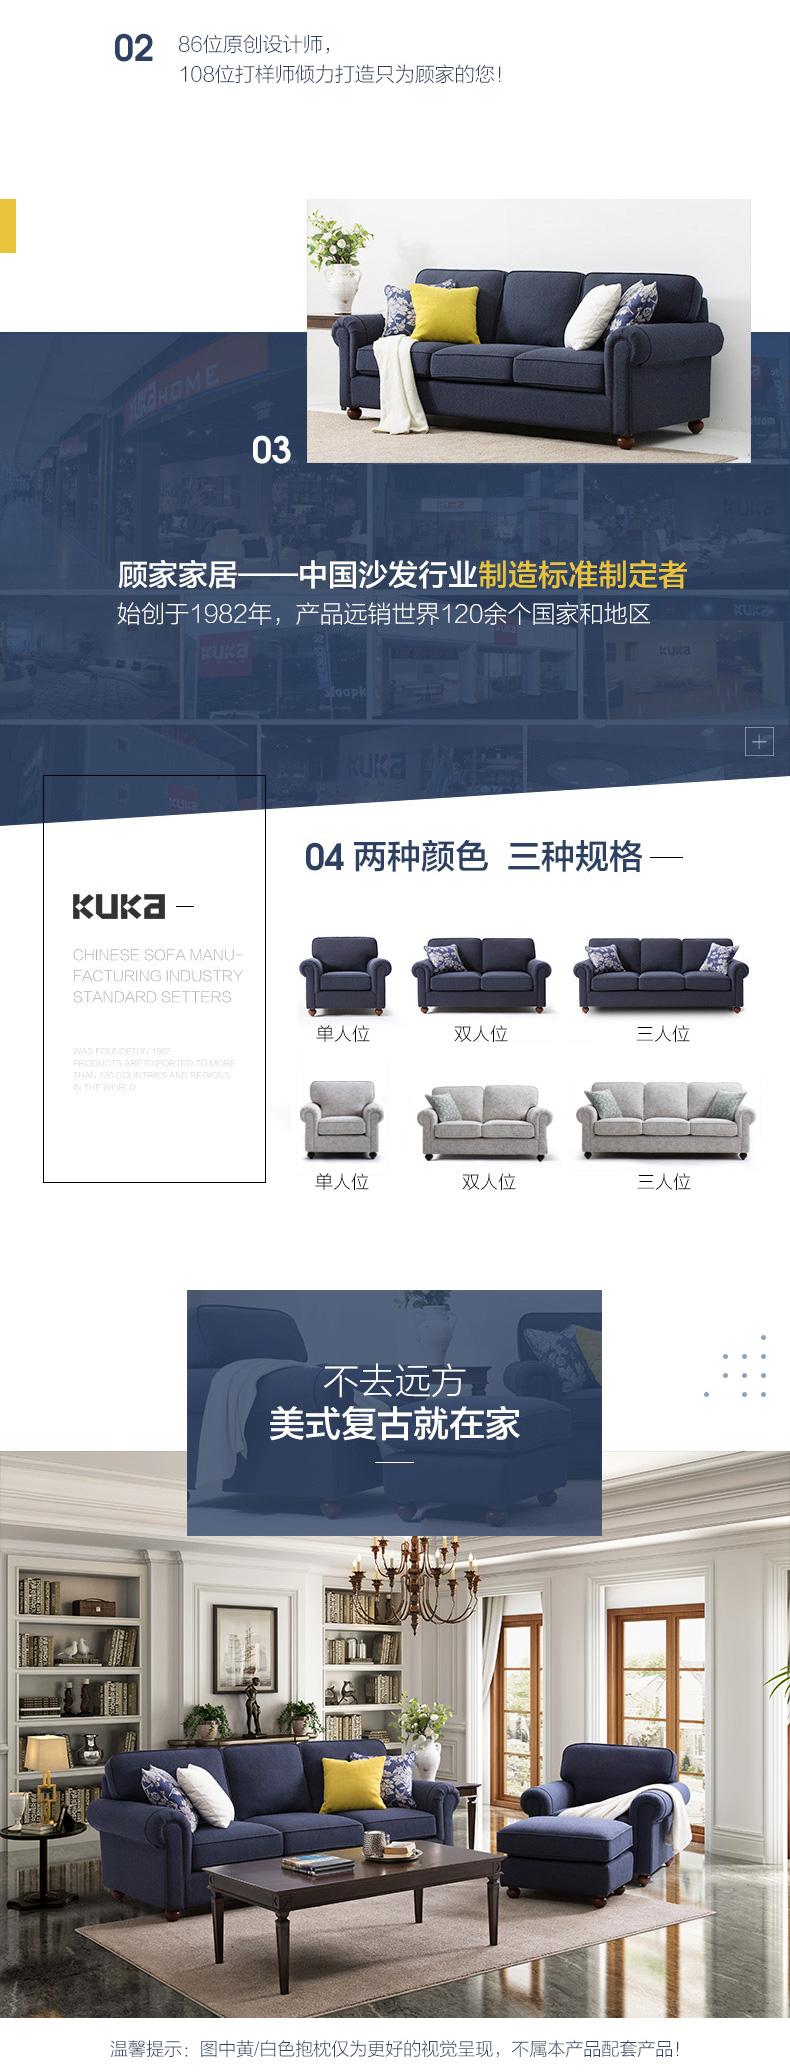 顾家-简约美式可拆洗布艺沙发2030_02.jpg